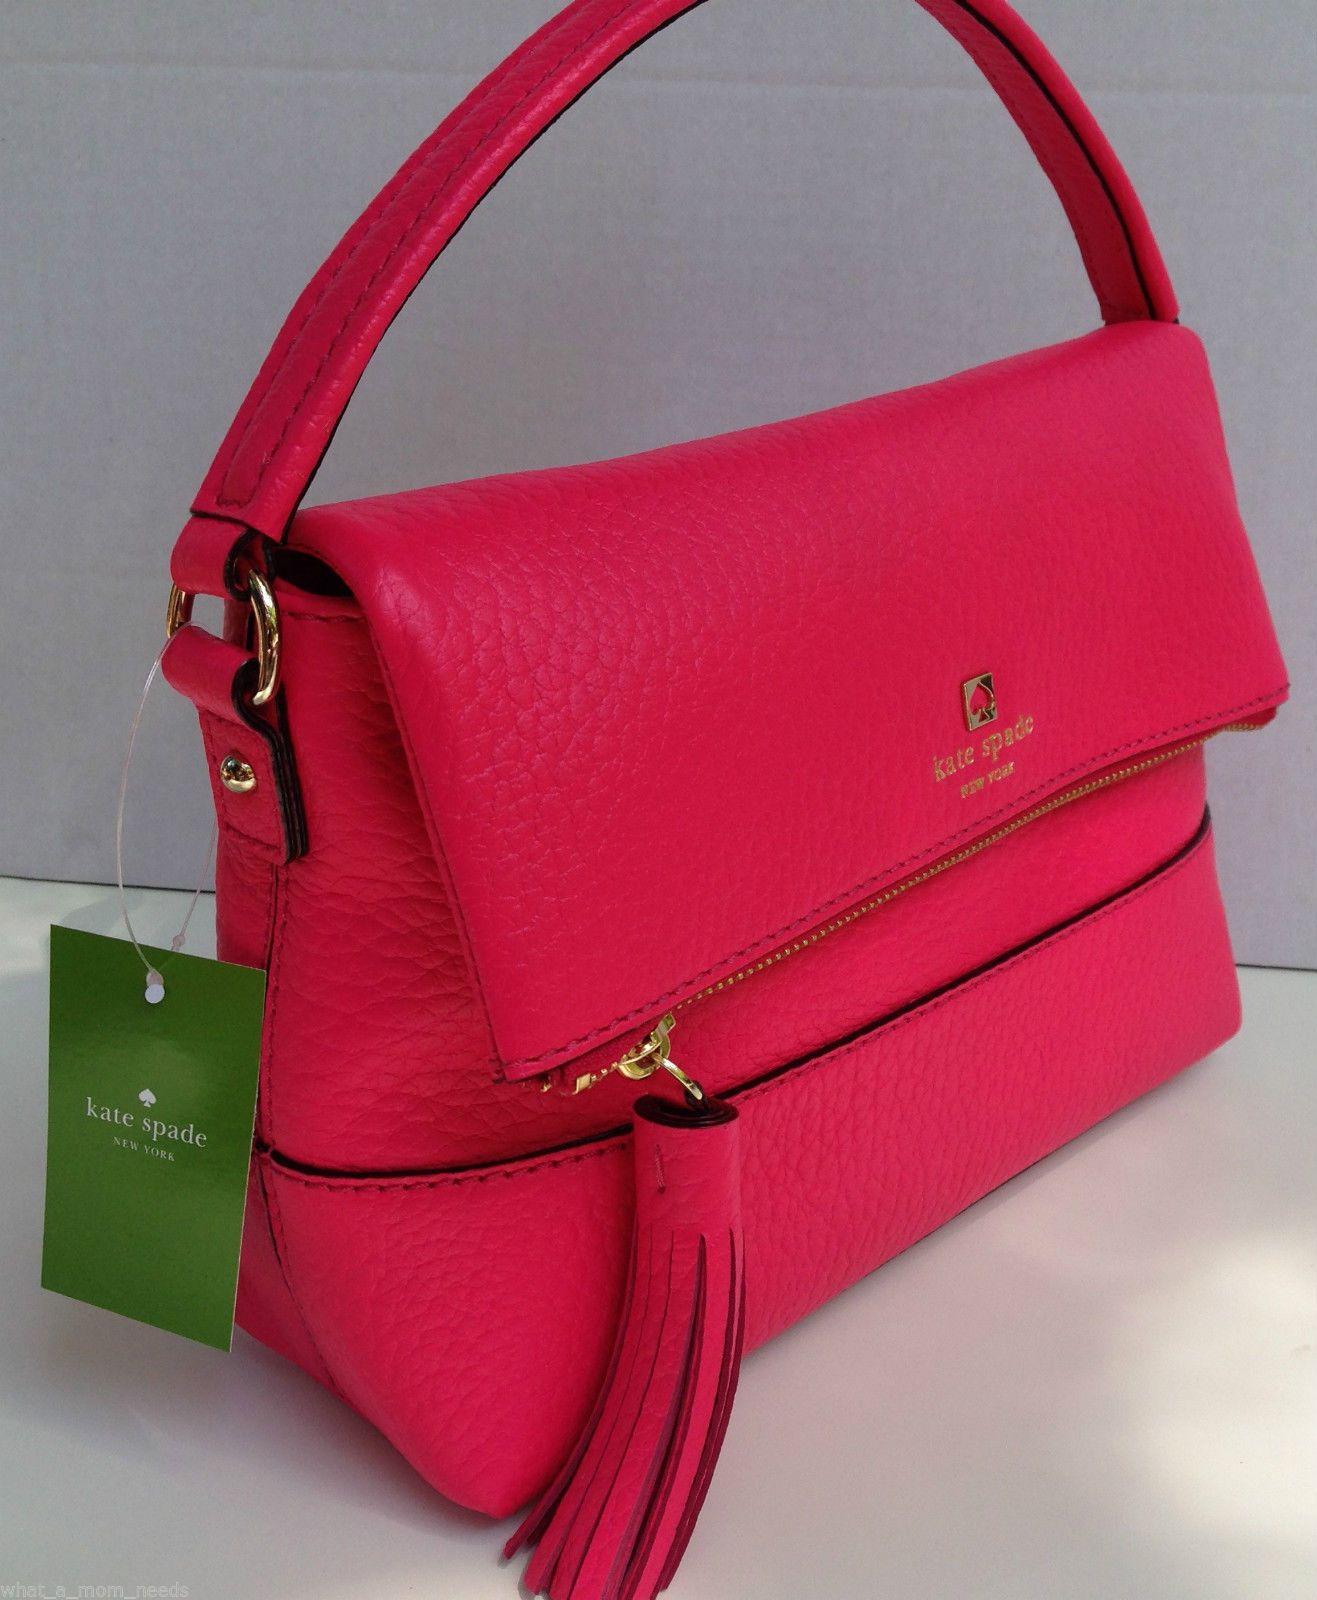 5223773e1b4a New Kate Spade Southport Avenue Mini Carmen Leather Purse